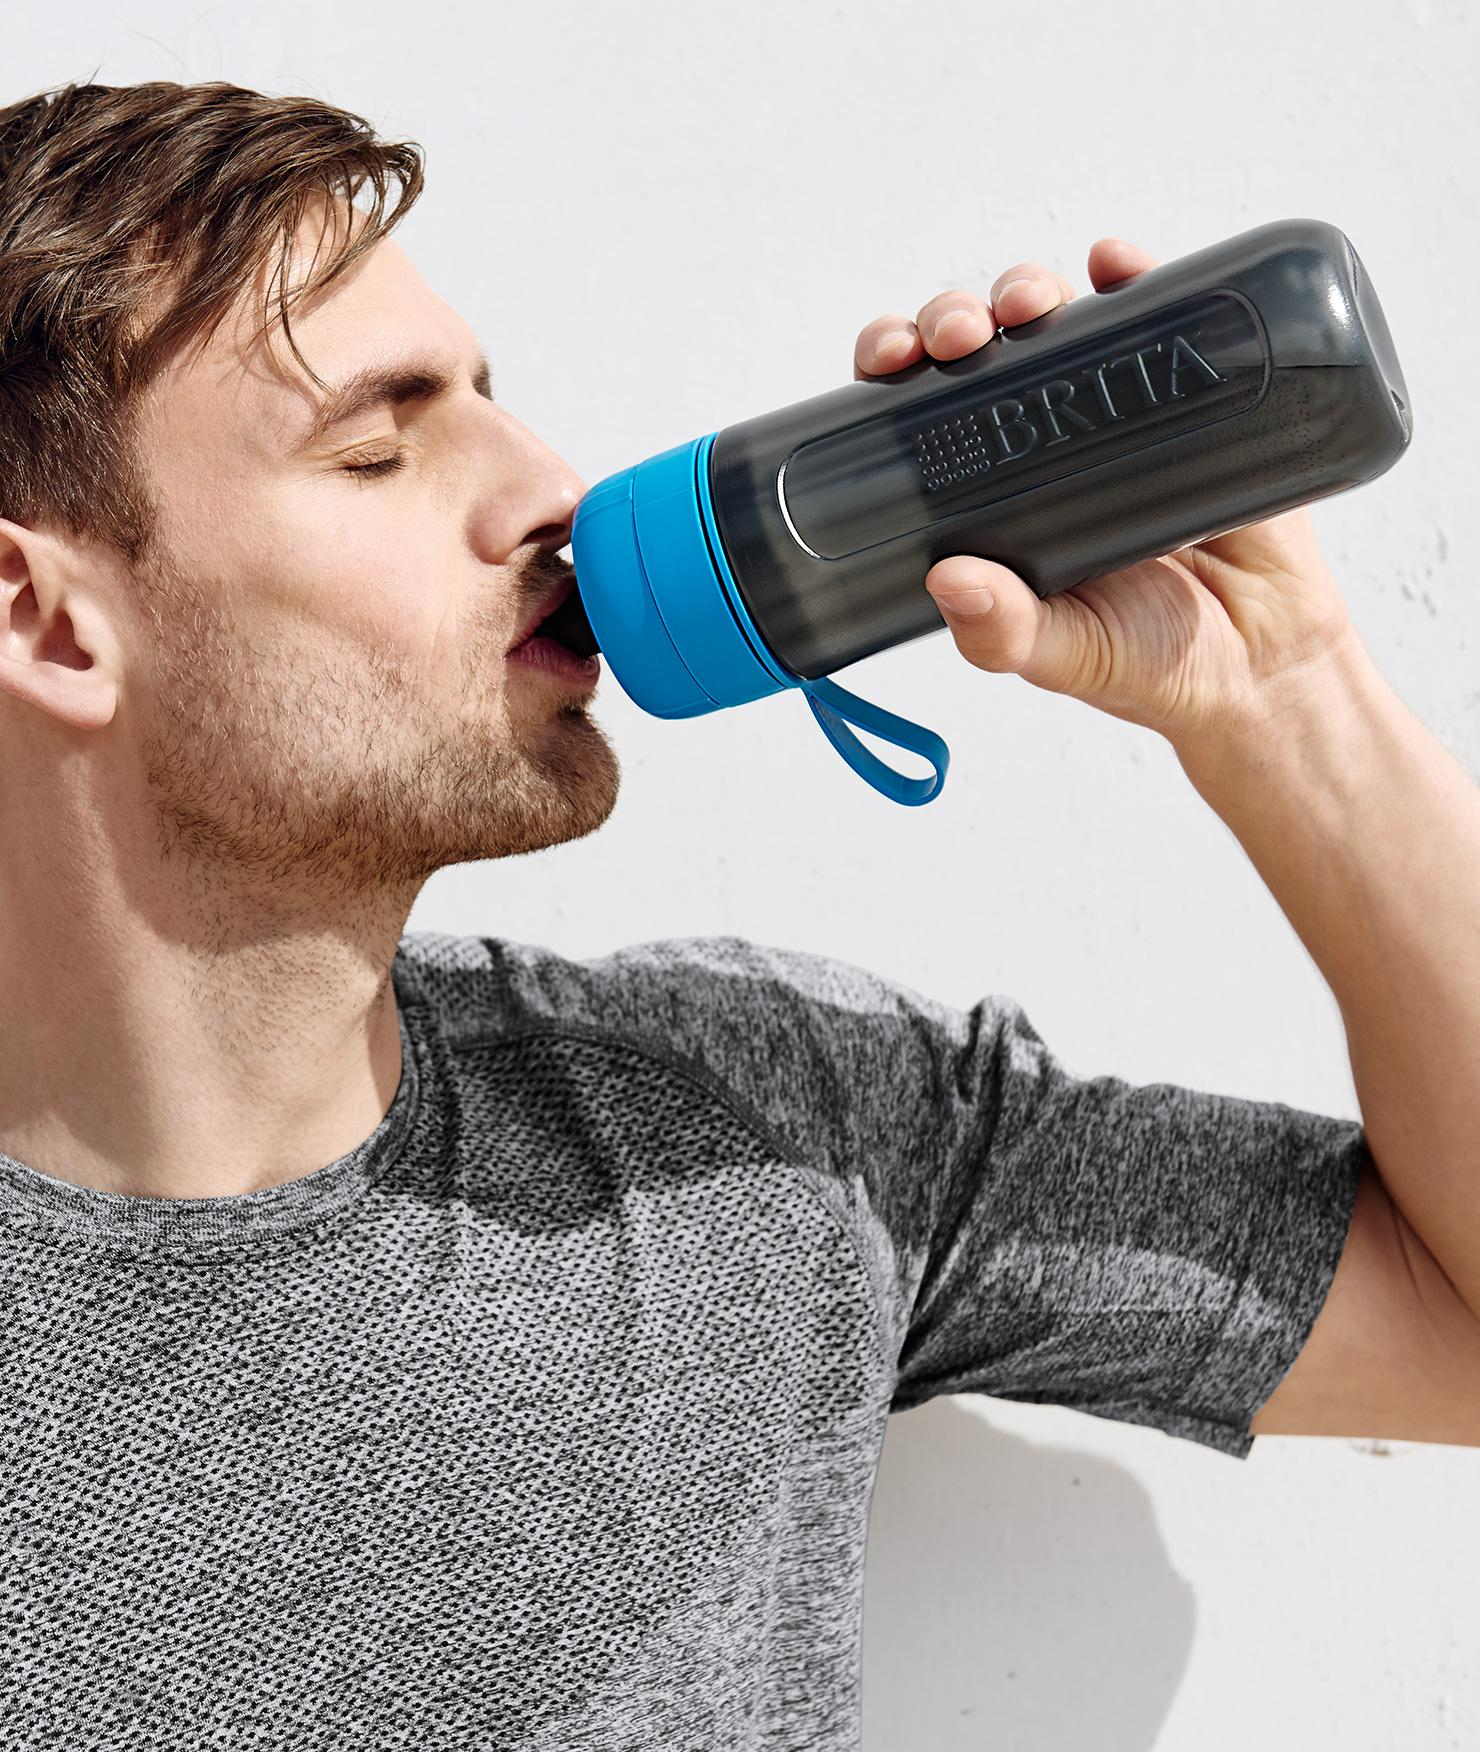 BRITA besoin hydratation perso homme buvant l'eau